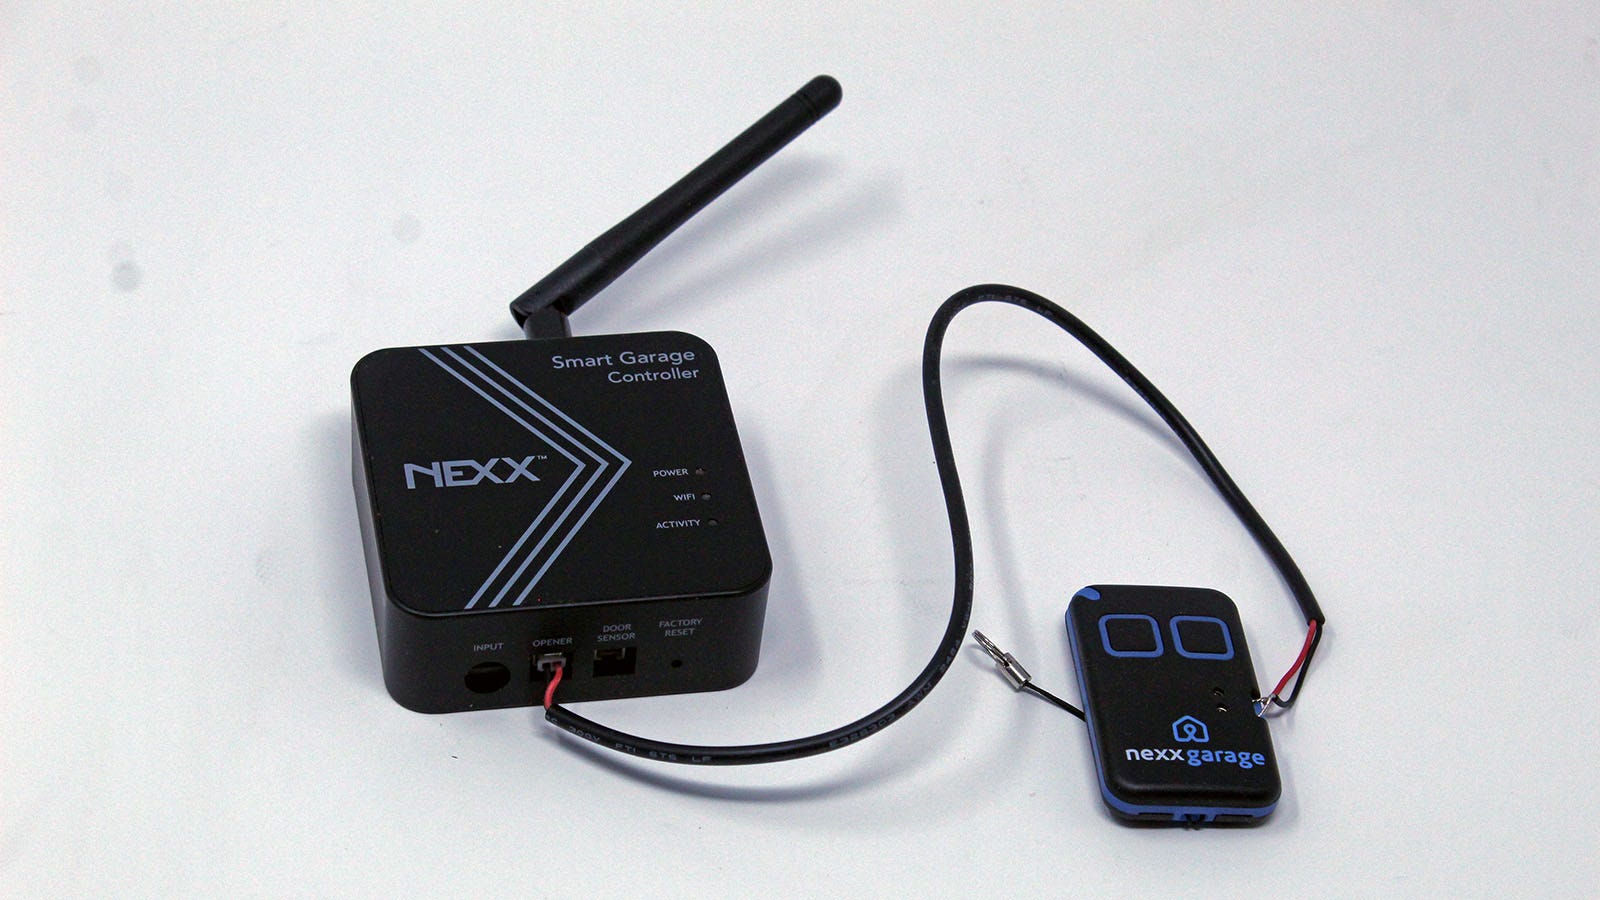 The Nexx Smart Garage Controller wired to the Nexx garage smart adapter.